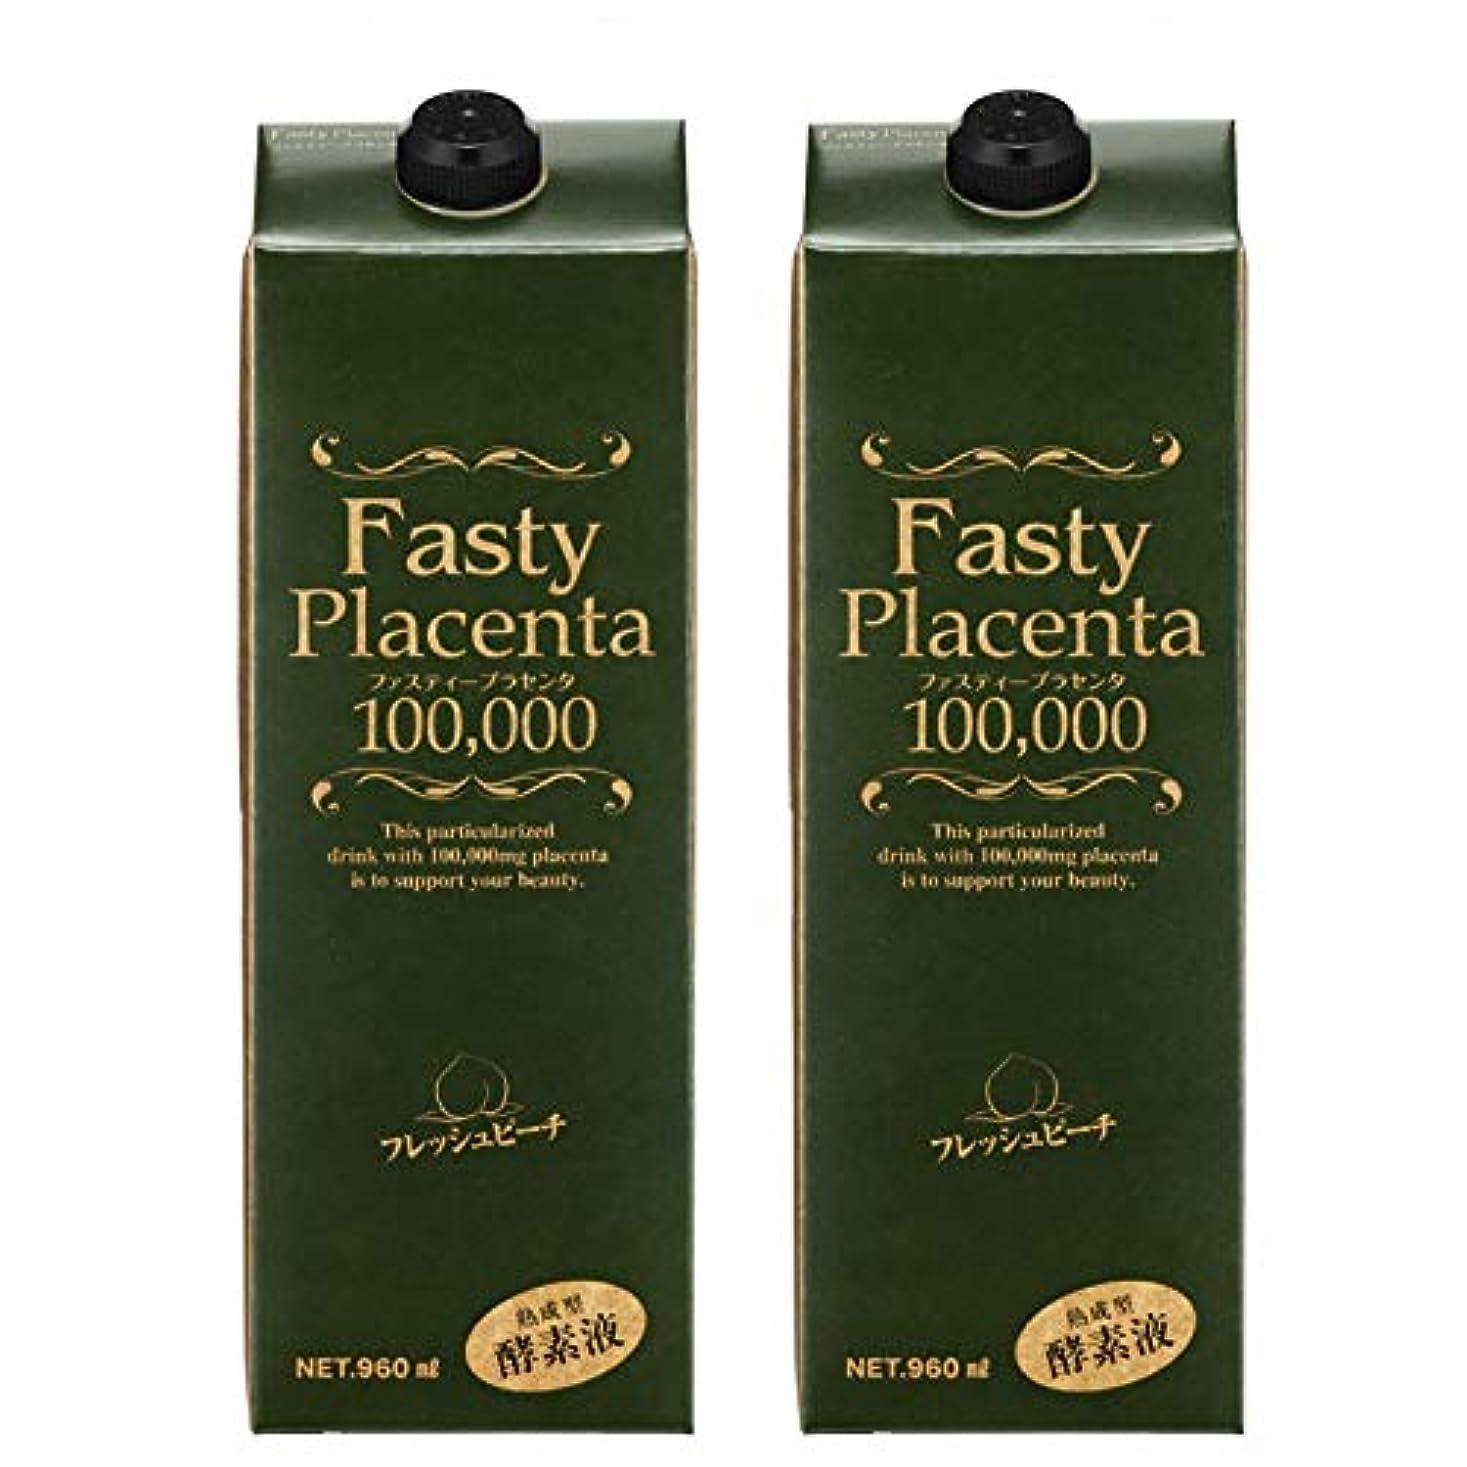 型あたりインレイファスティープラセンタ100,000 増量パック(フレッシュピーチ味) 2本